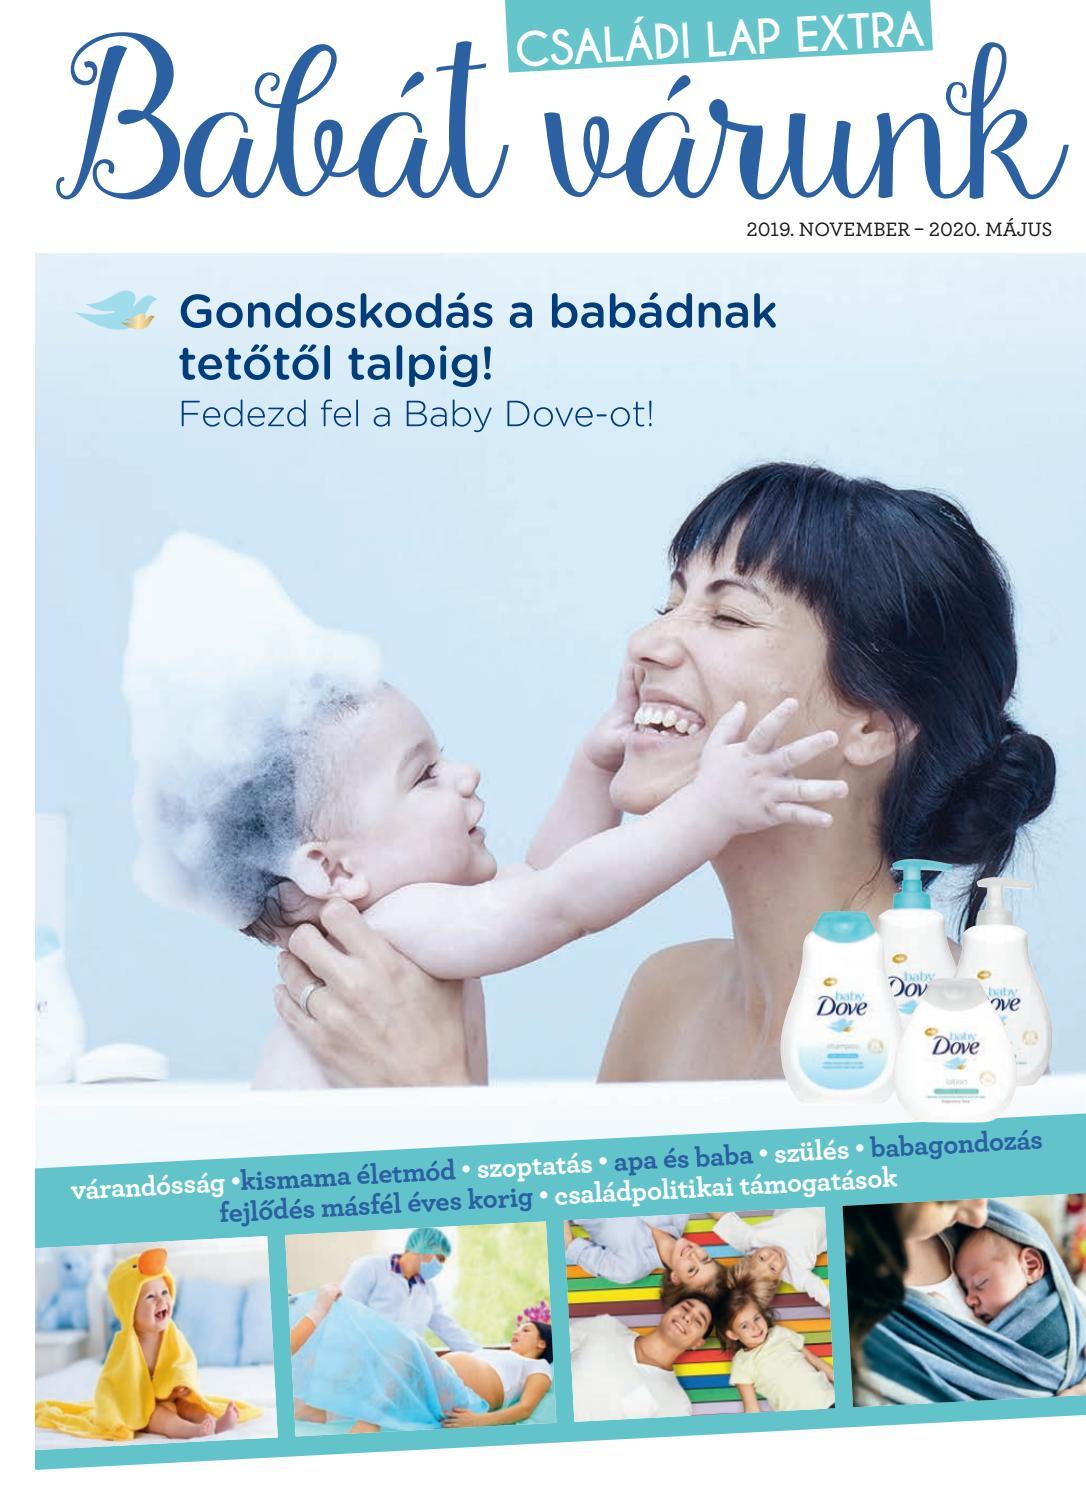 legfiatalabb fogyás útmutató